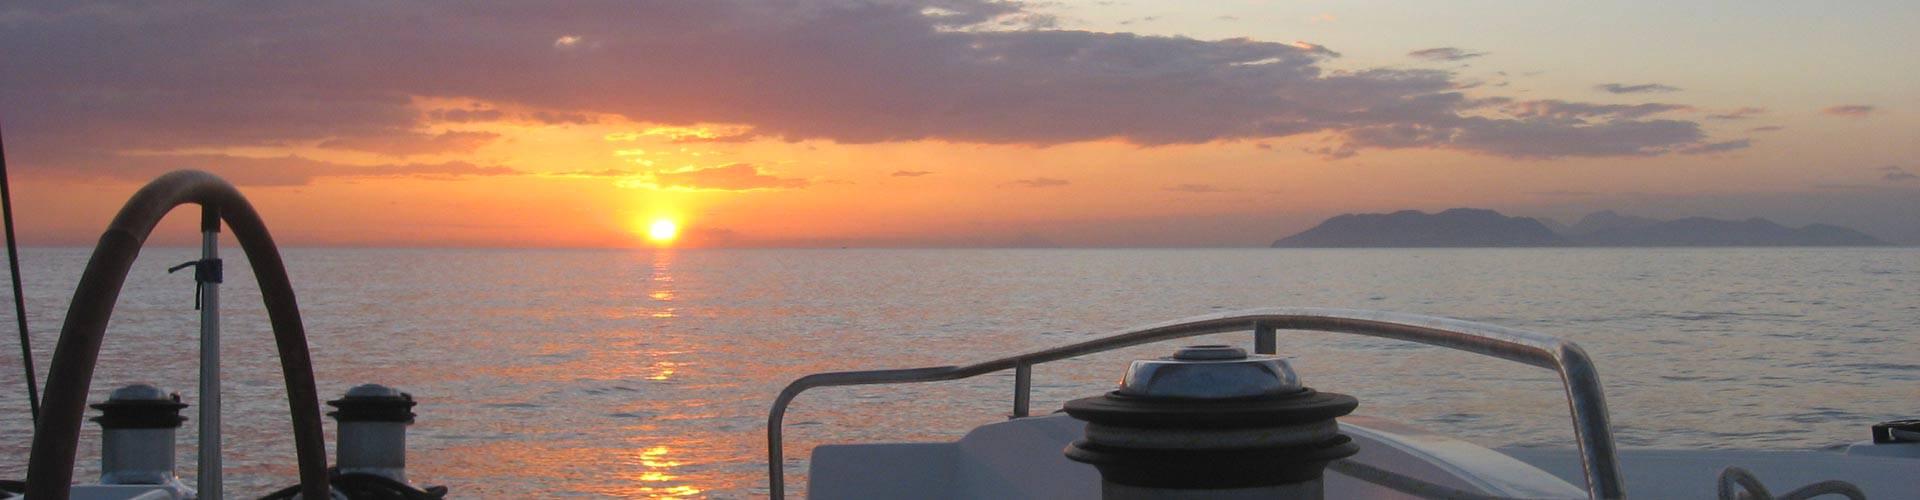 L'emozione di navigare...